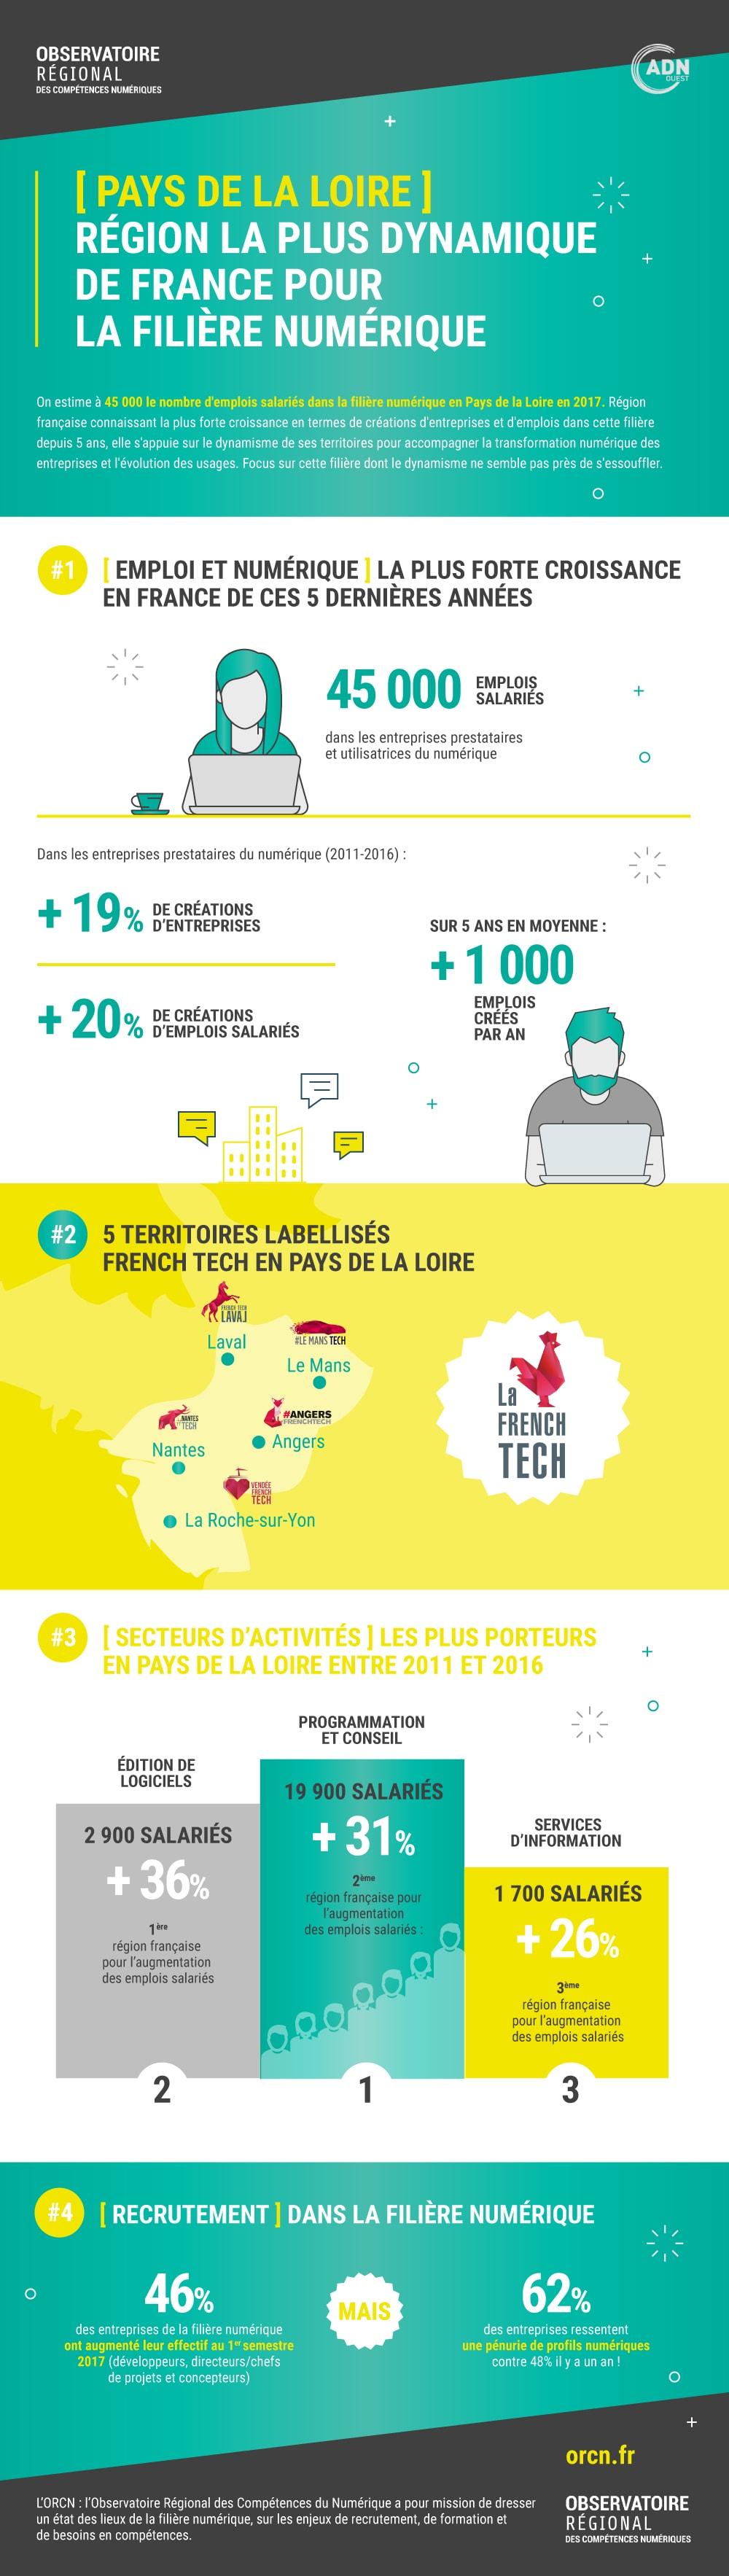 Pays de la Loire à la pointe du dynamisme de la filière numérique